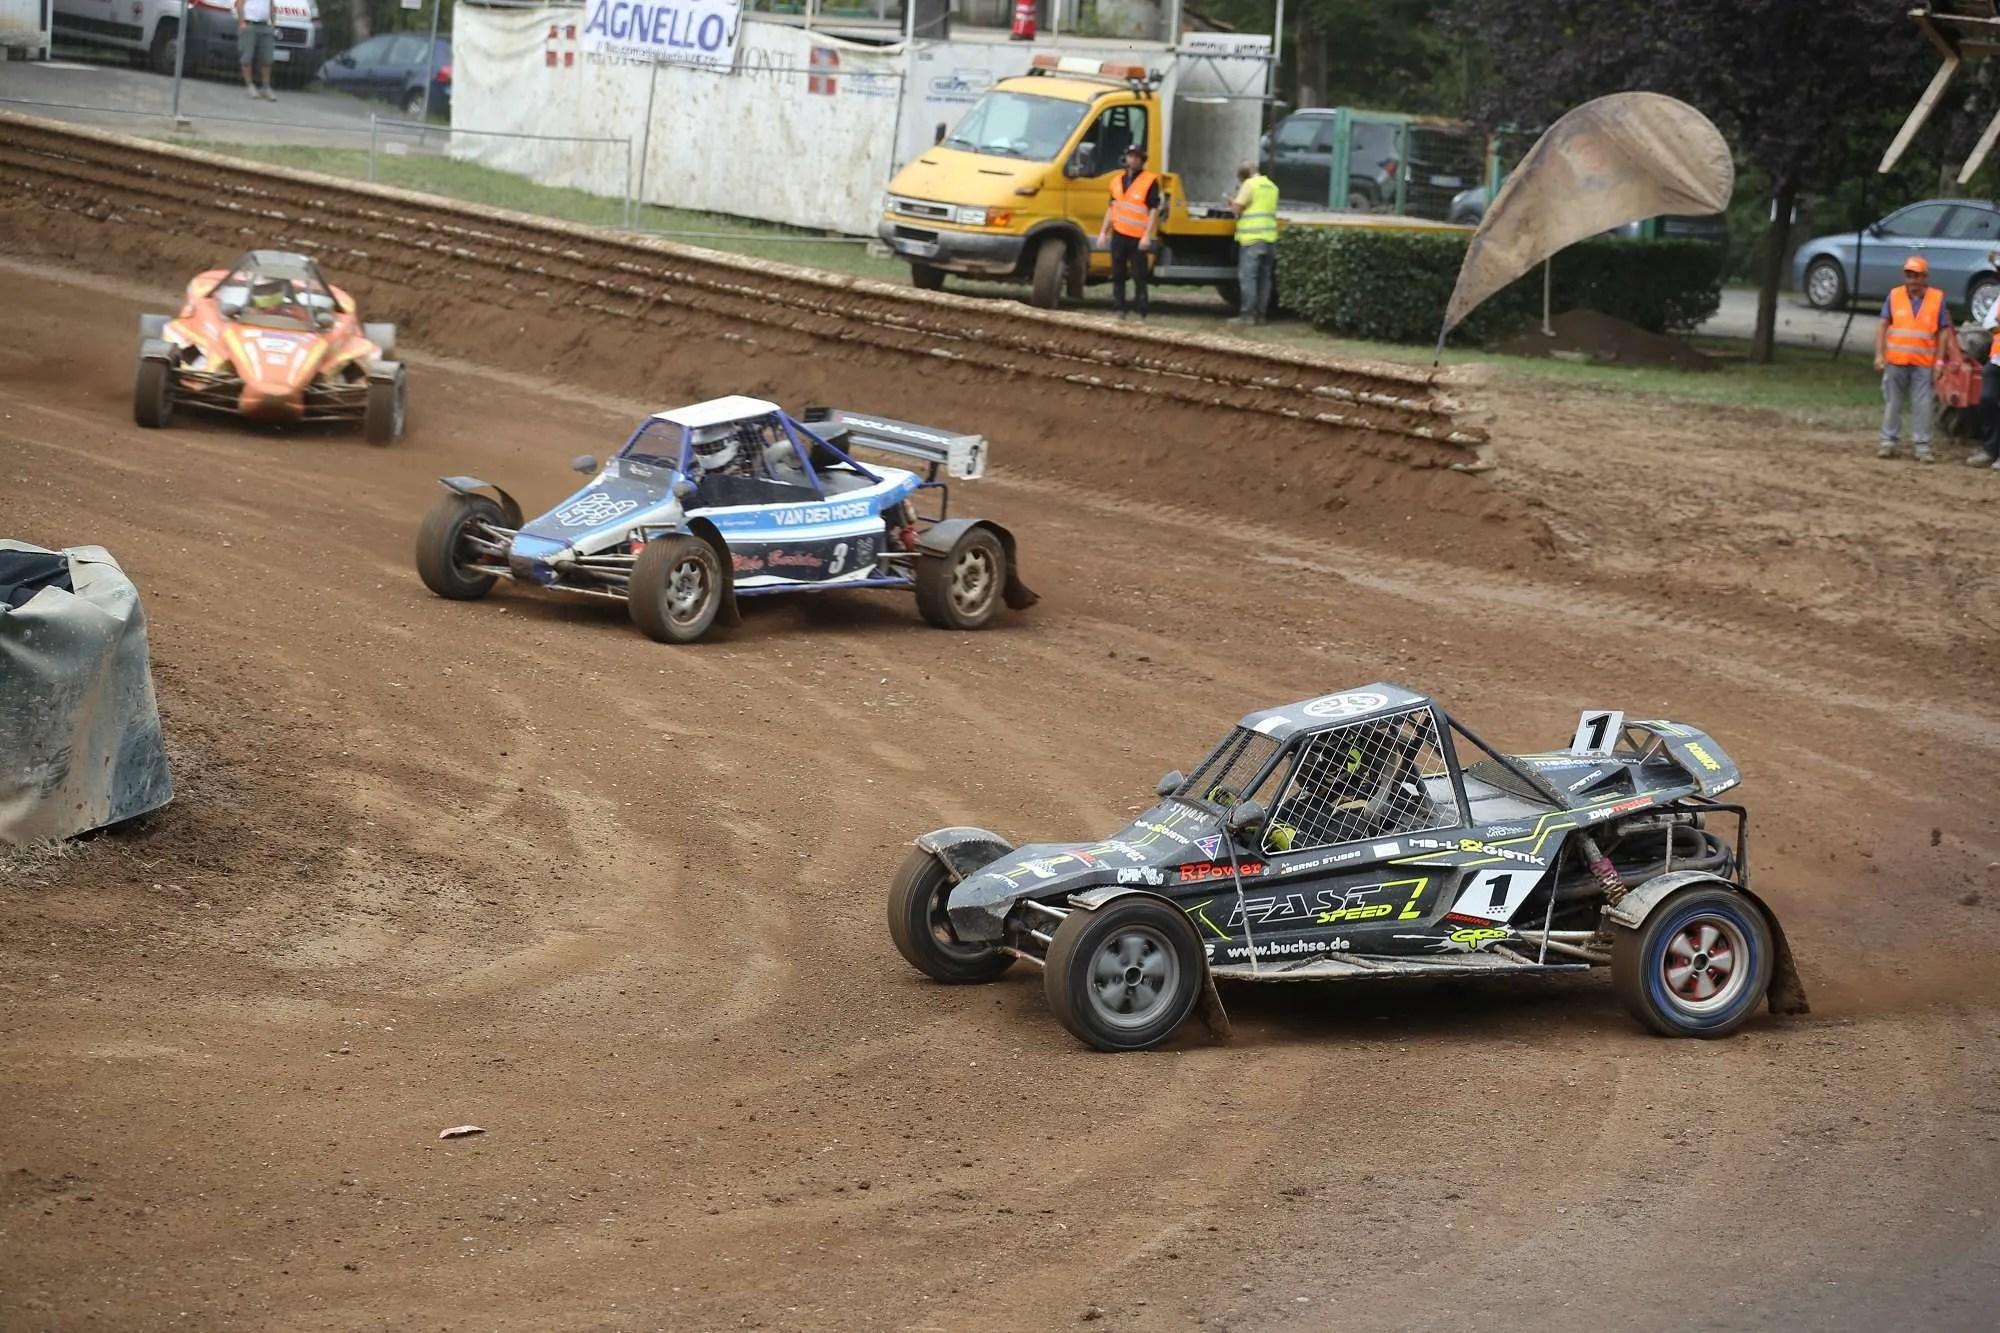 Campionato Europeo Autocross, adrenalina allo stato puro